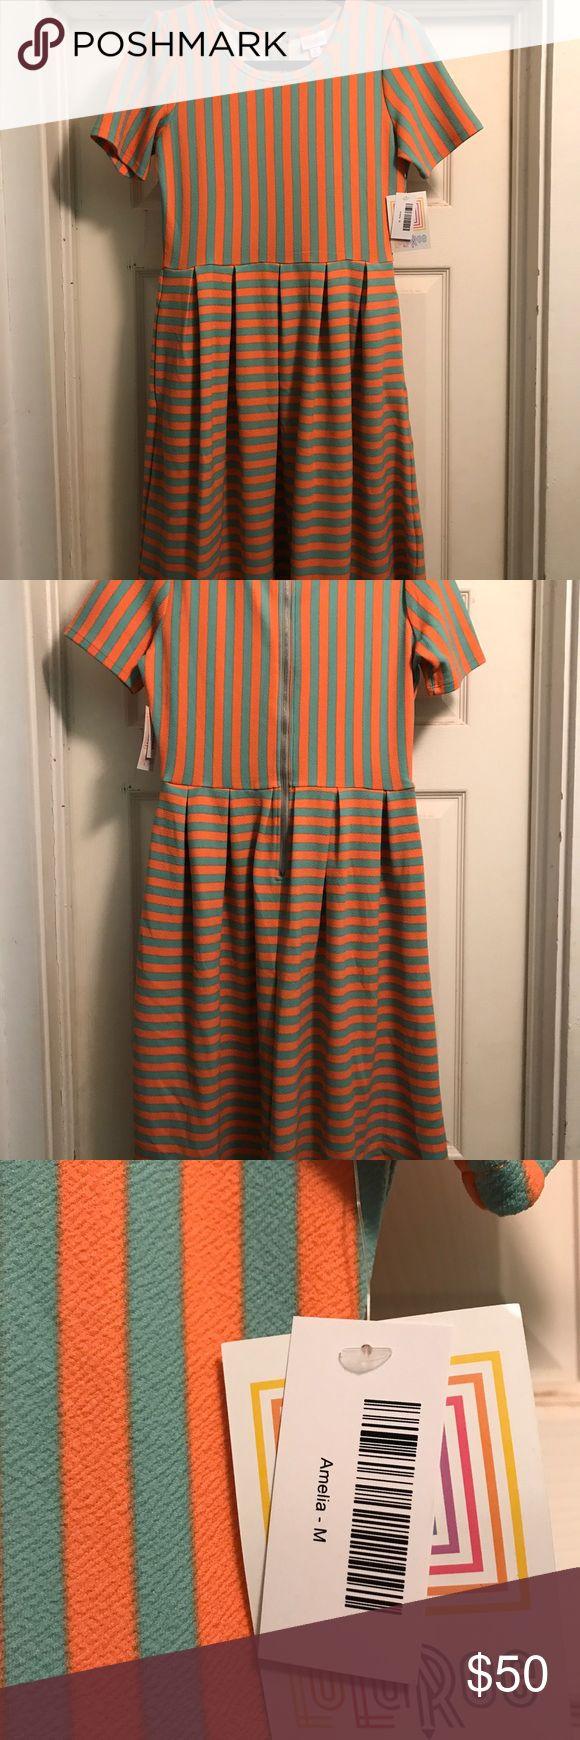 LuLaRoe Amelia Dress NWT Size M LuLaRoe Amelia Dress NWT Size M LuLaRoe Dresses Midi